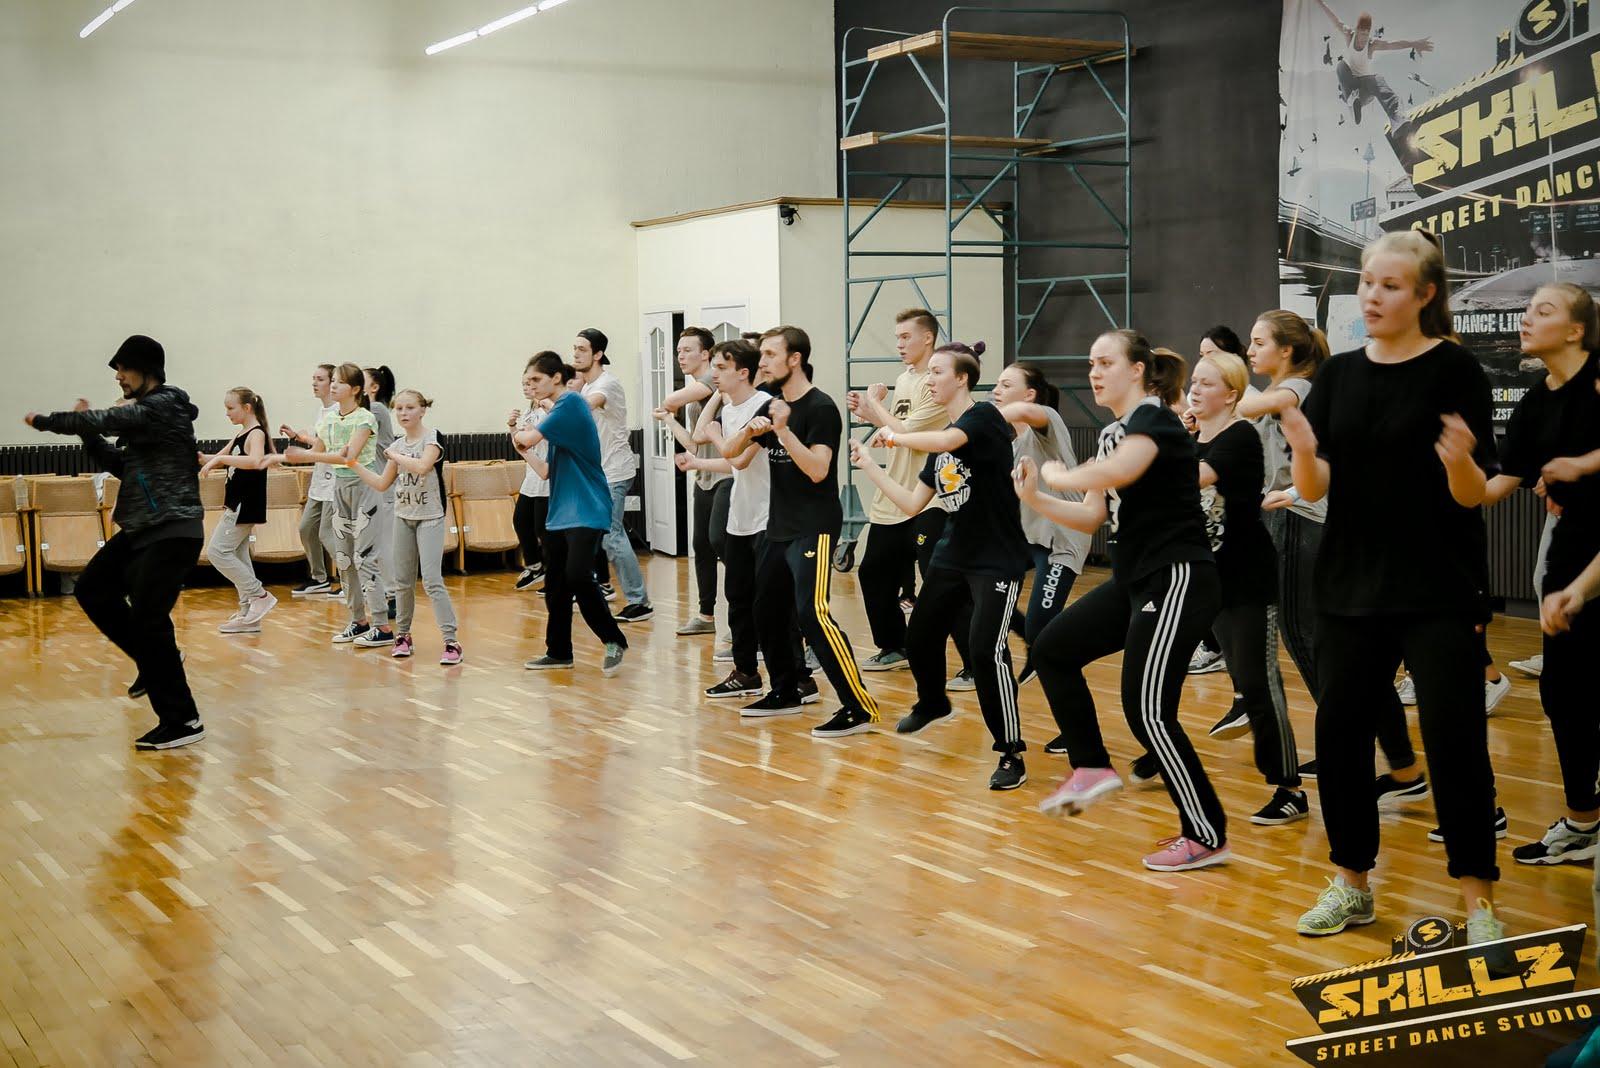 Hip hop seminaras su Jeka iš Maskvos - _1050178.jpg